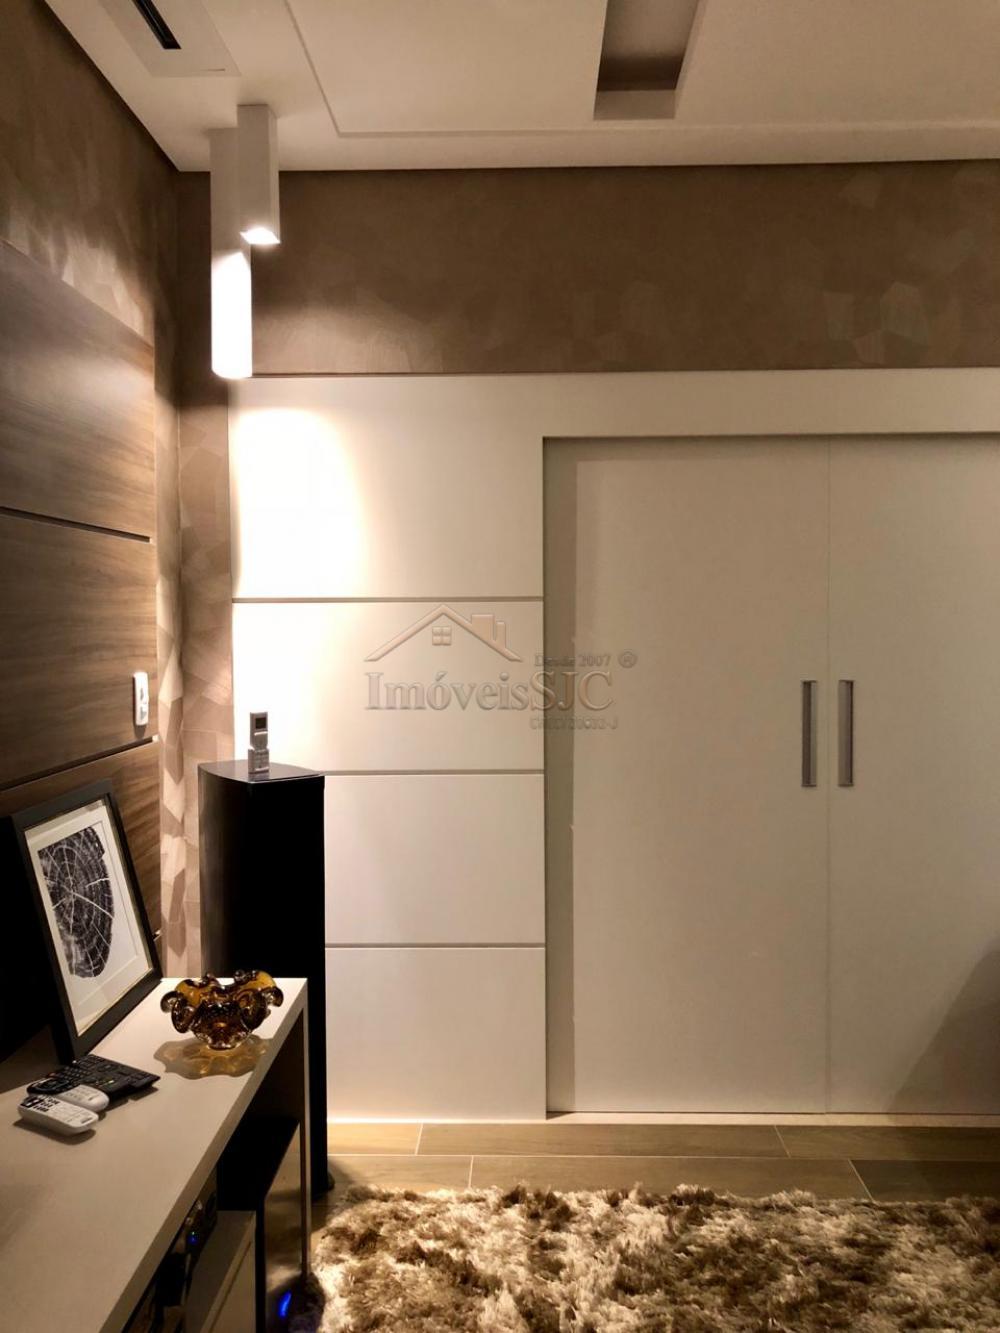 Alugar Casas / Condomínio em São José dos Campos apenas R$ 14.000,00 - Foto 8